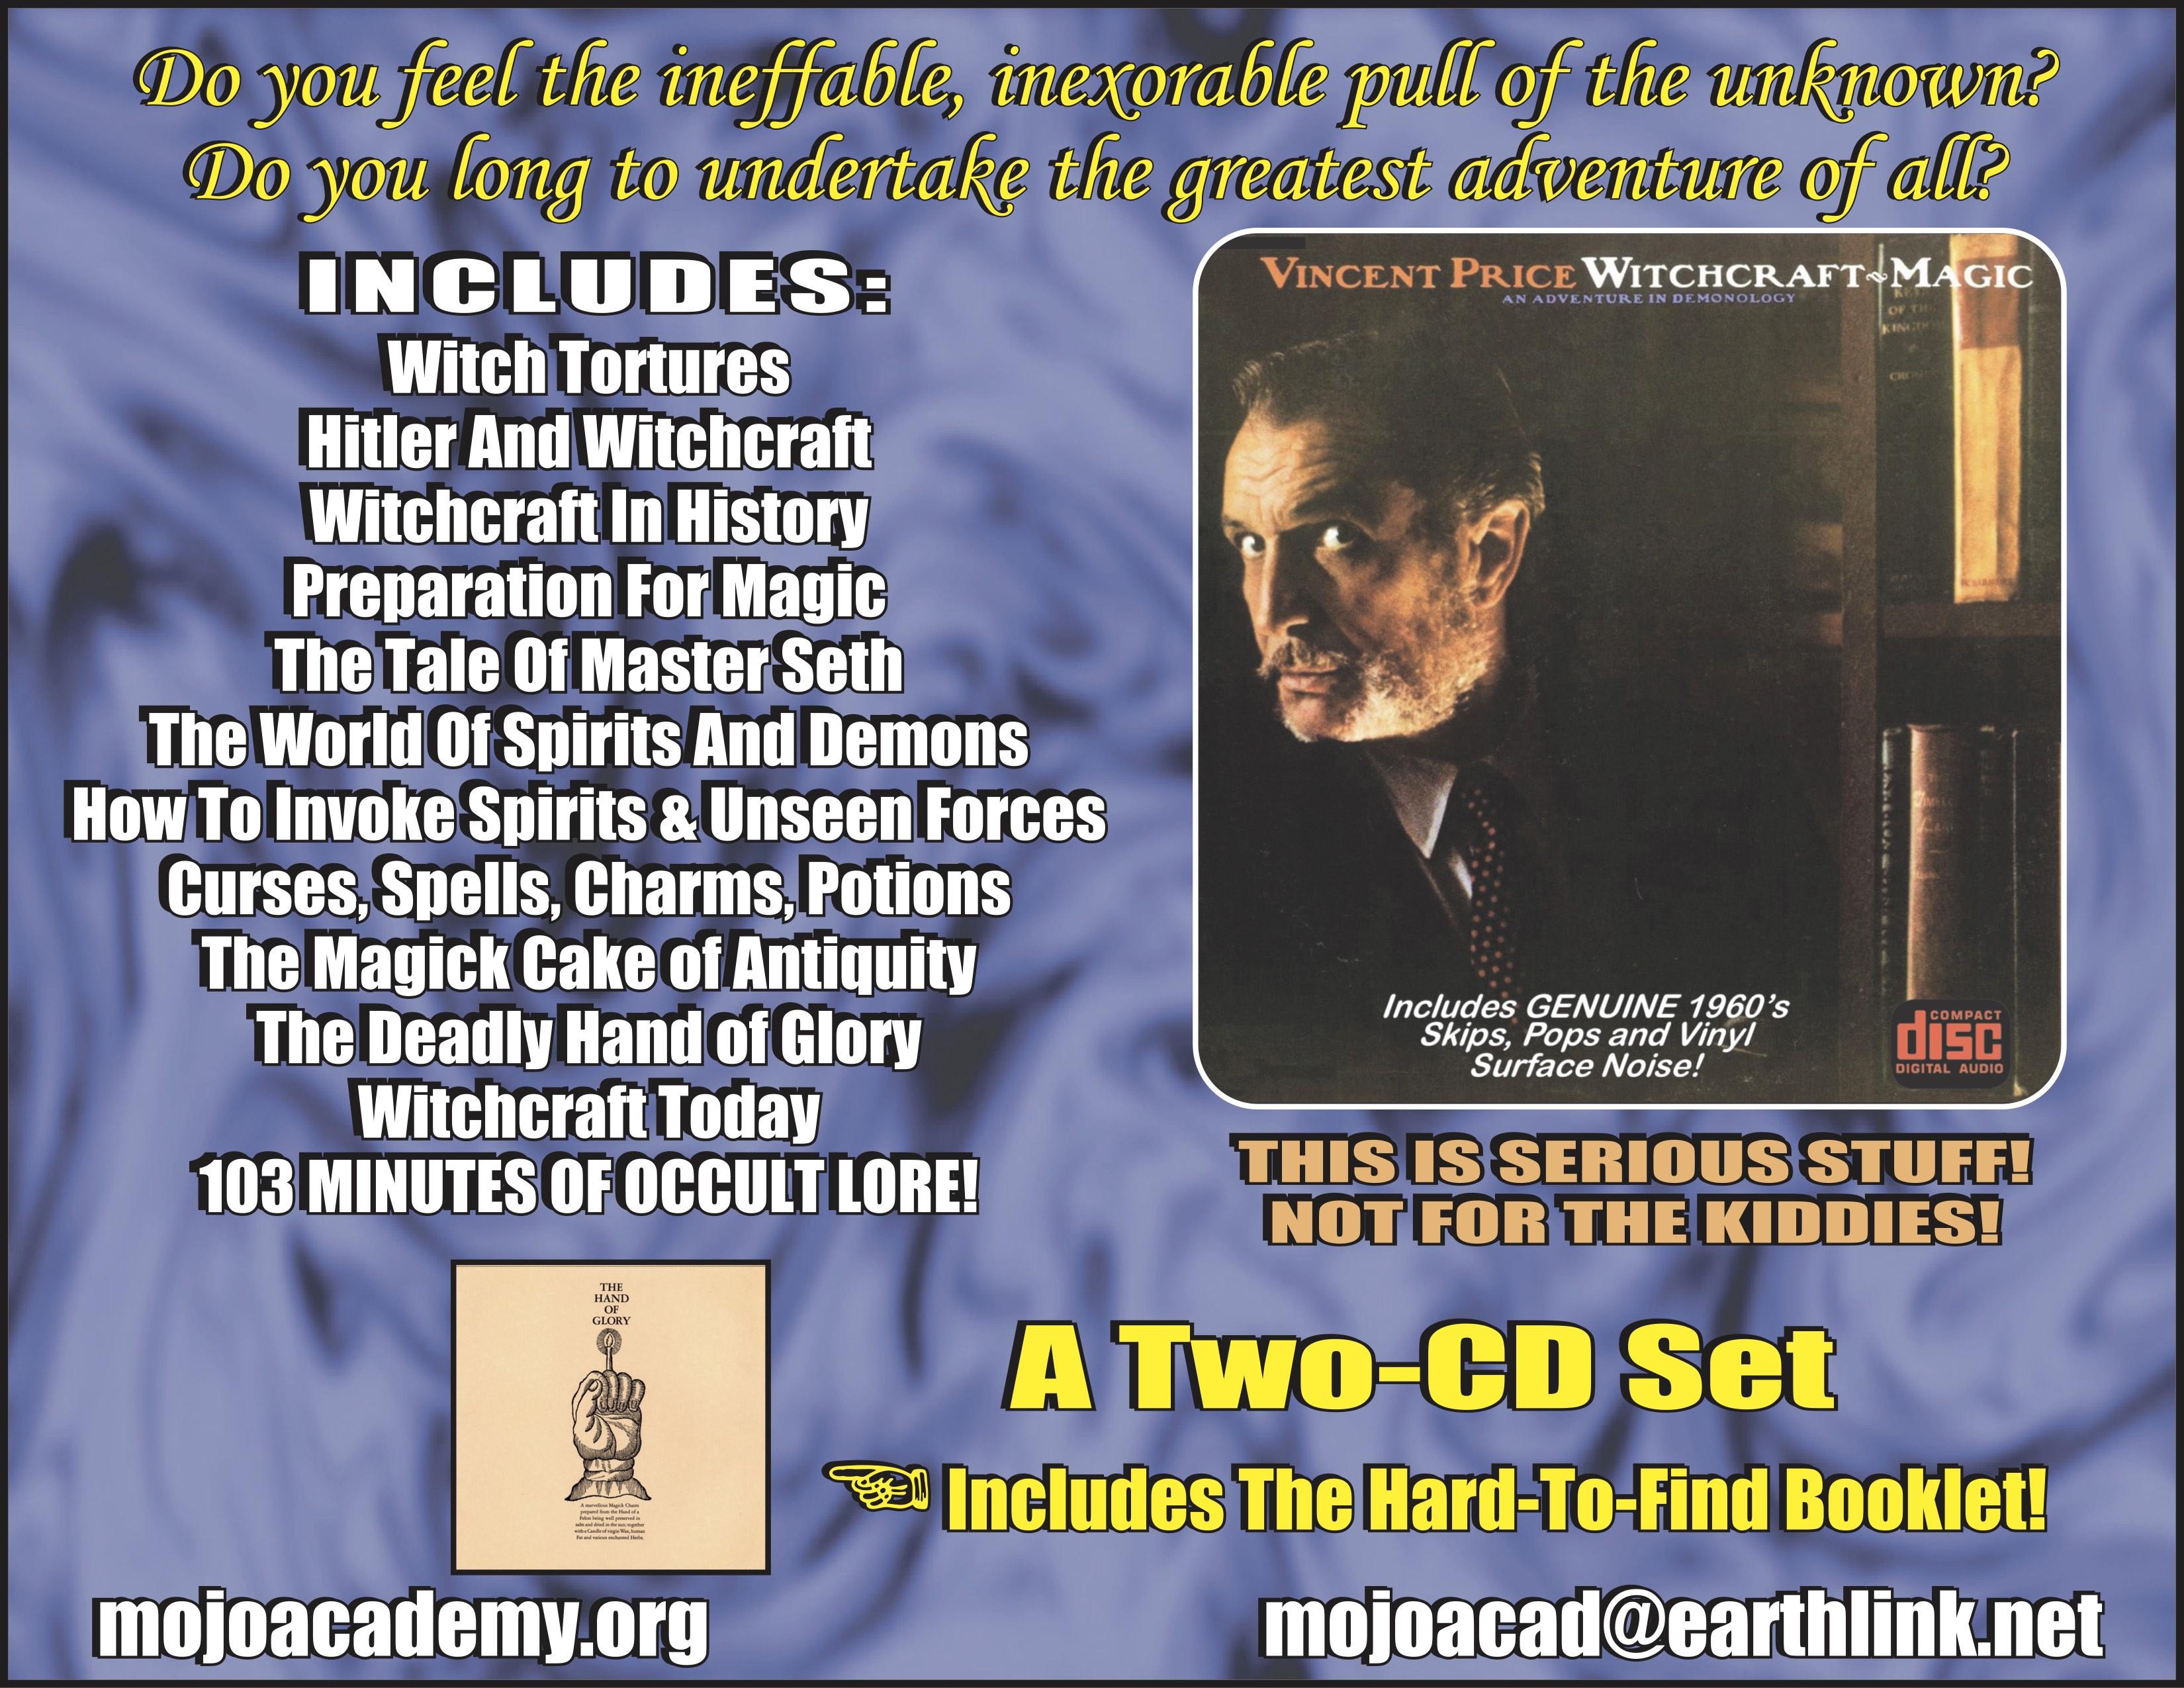 Vincent Price Album AD